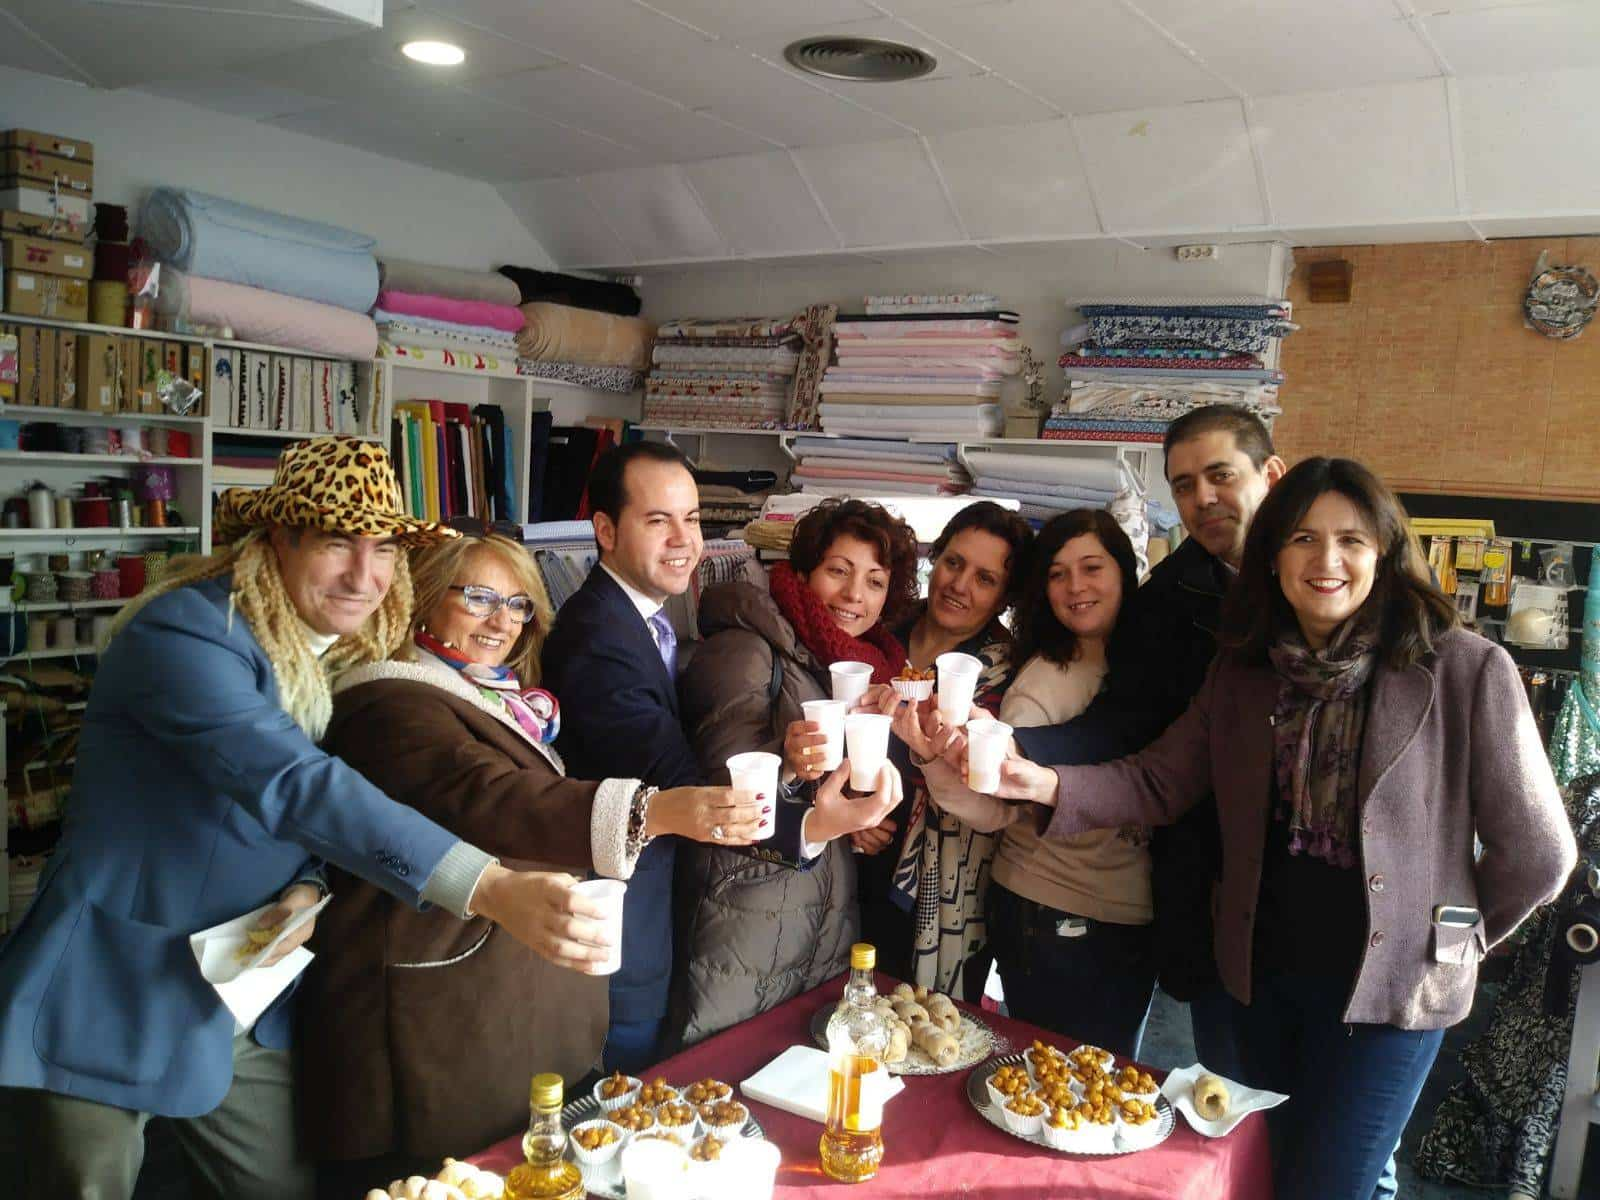 Autoridades Presentación de pregonero de Carnaval de Herencia